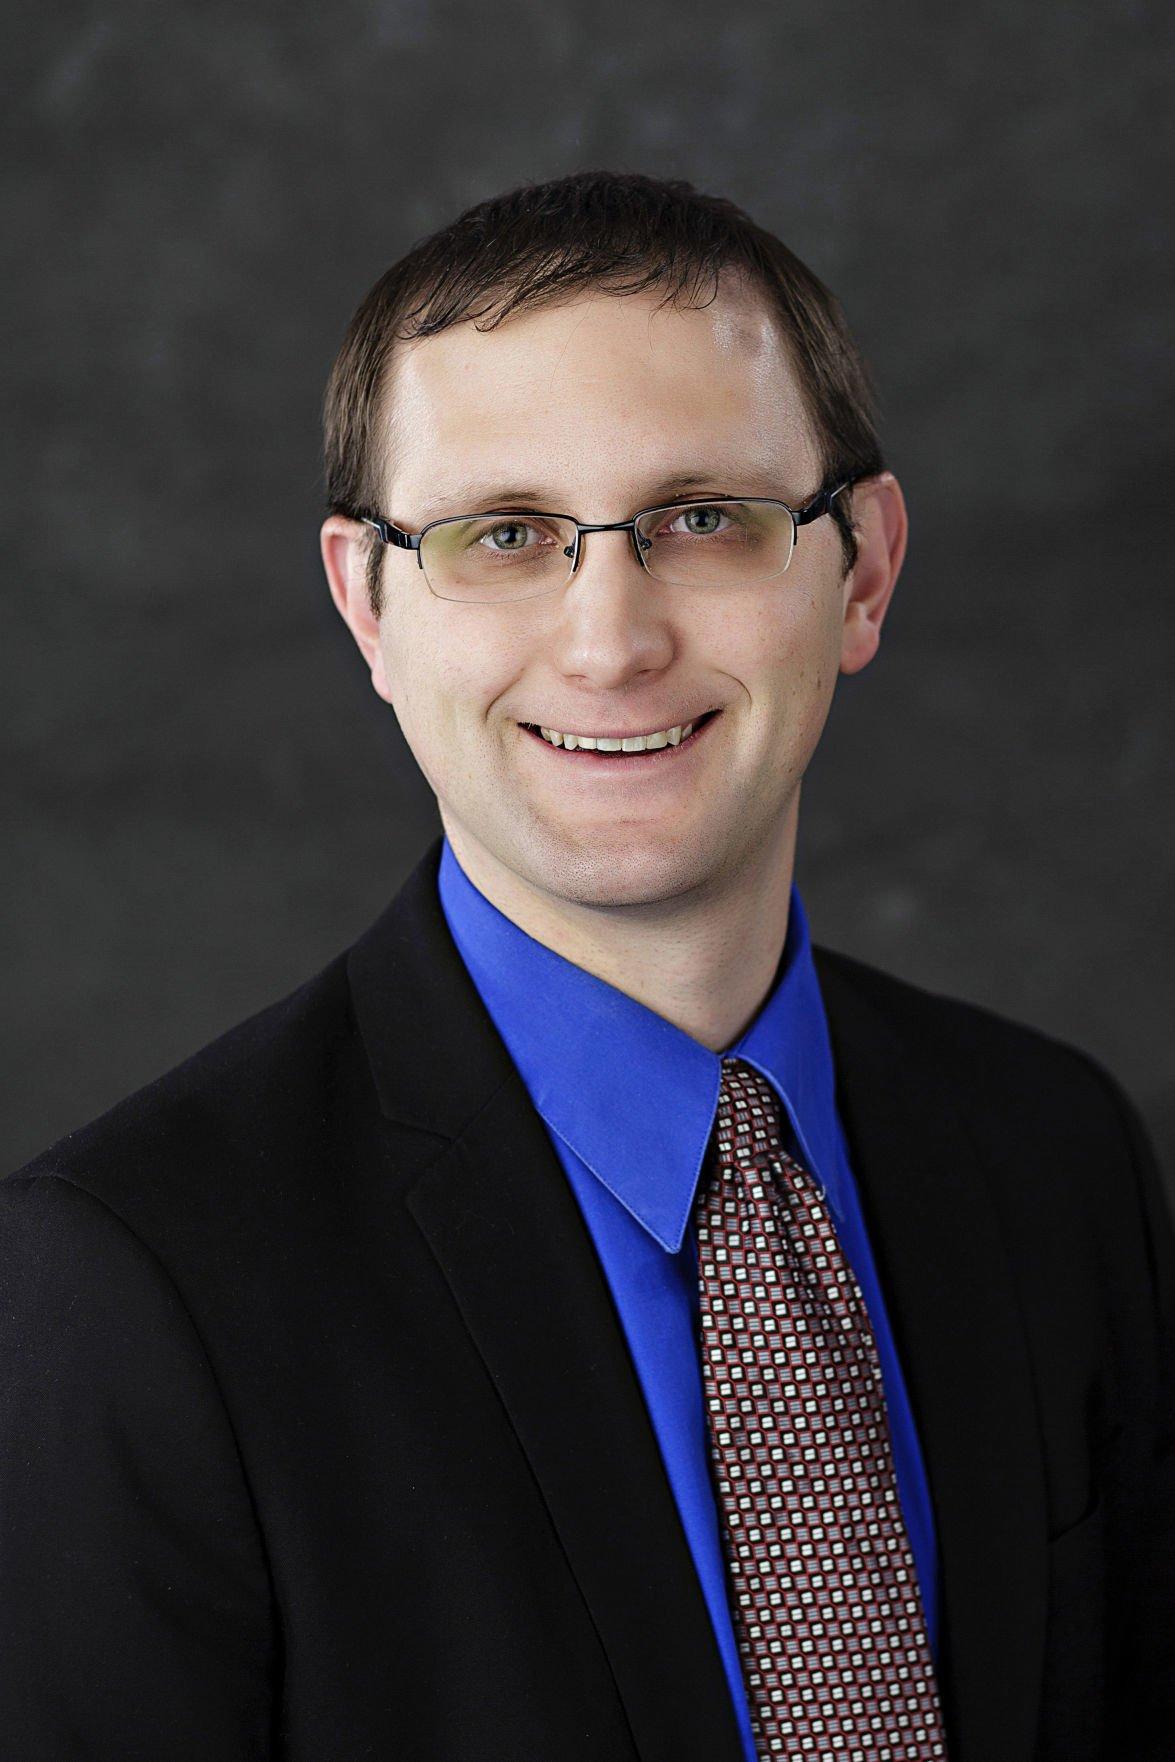 Ryan Brunner